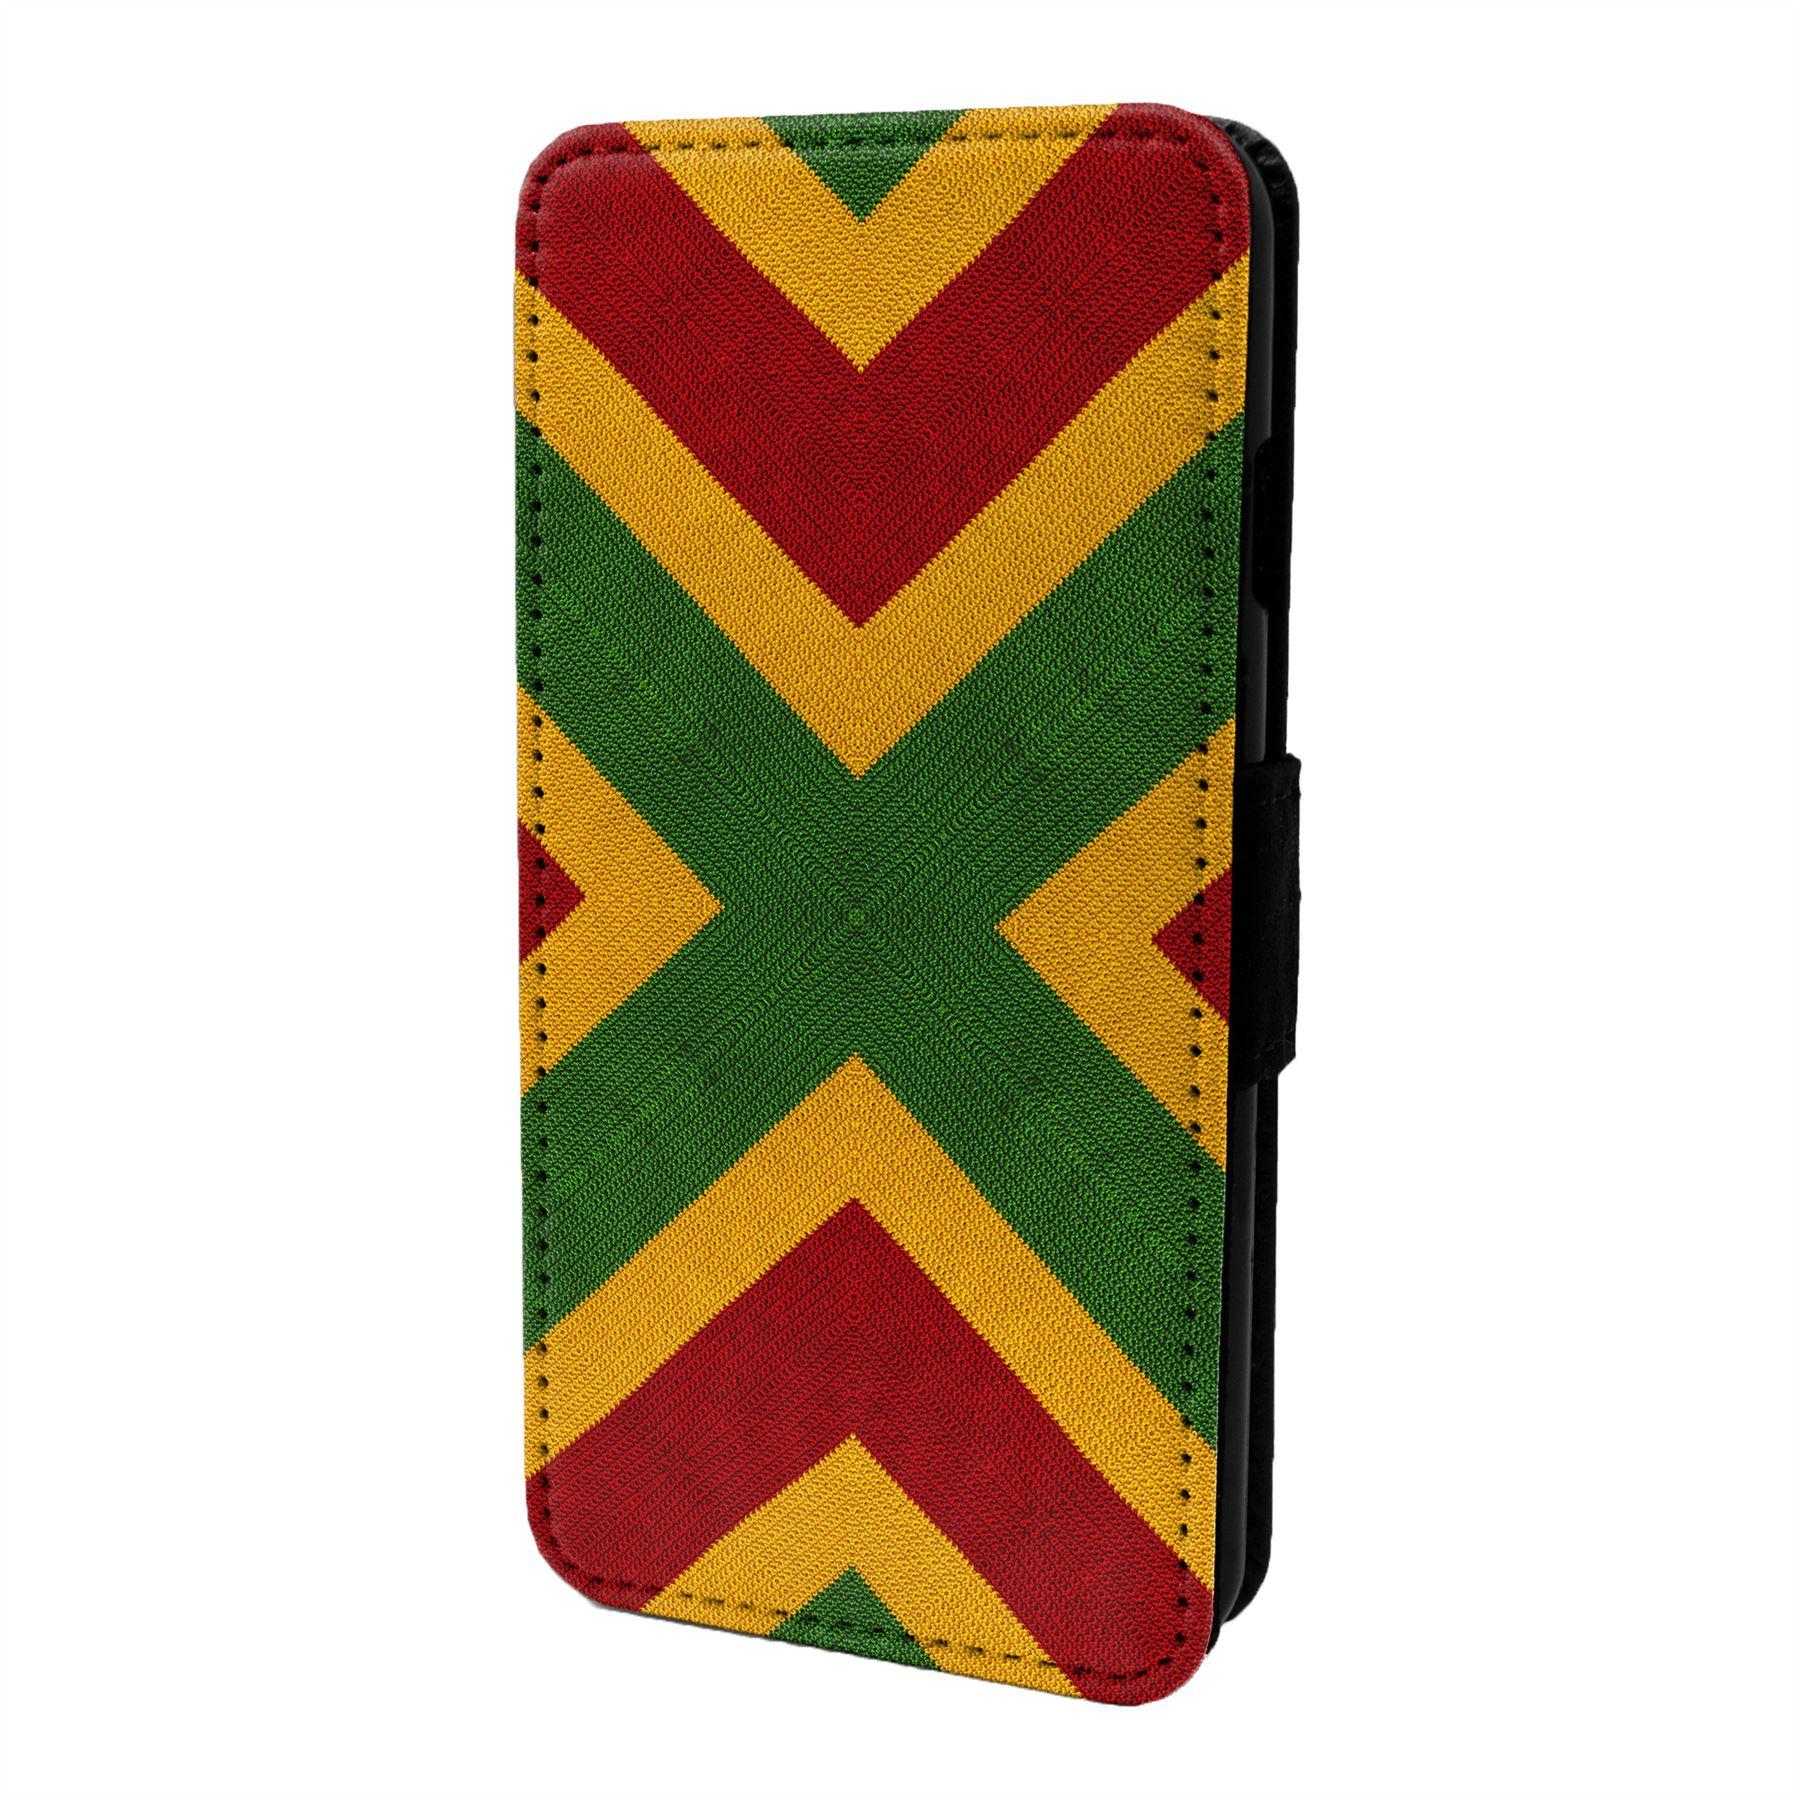 Rastafari-Estampado-Funda-Libro-para-Telefono-Movil-S7058